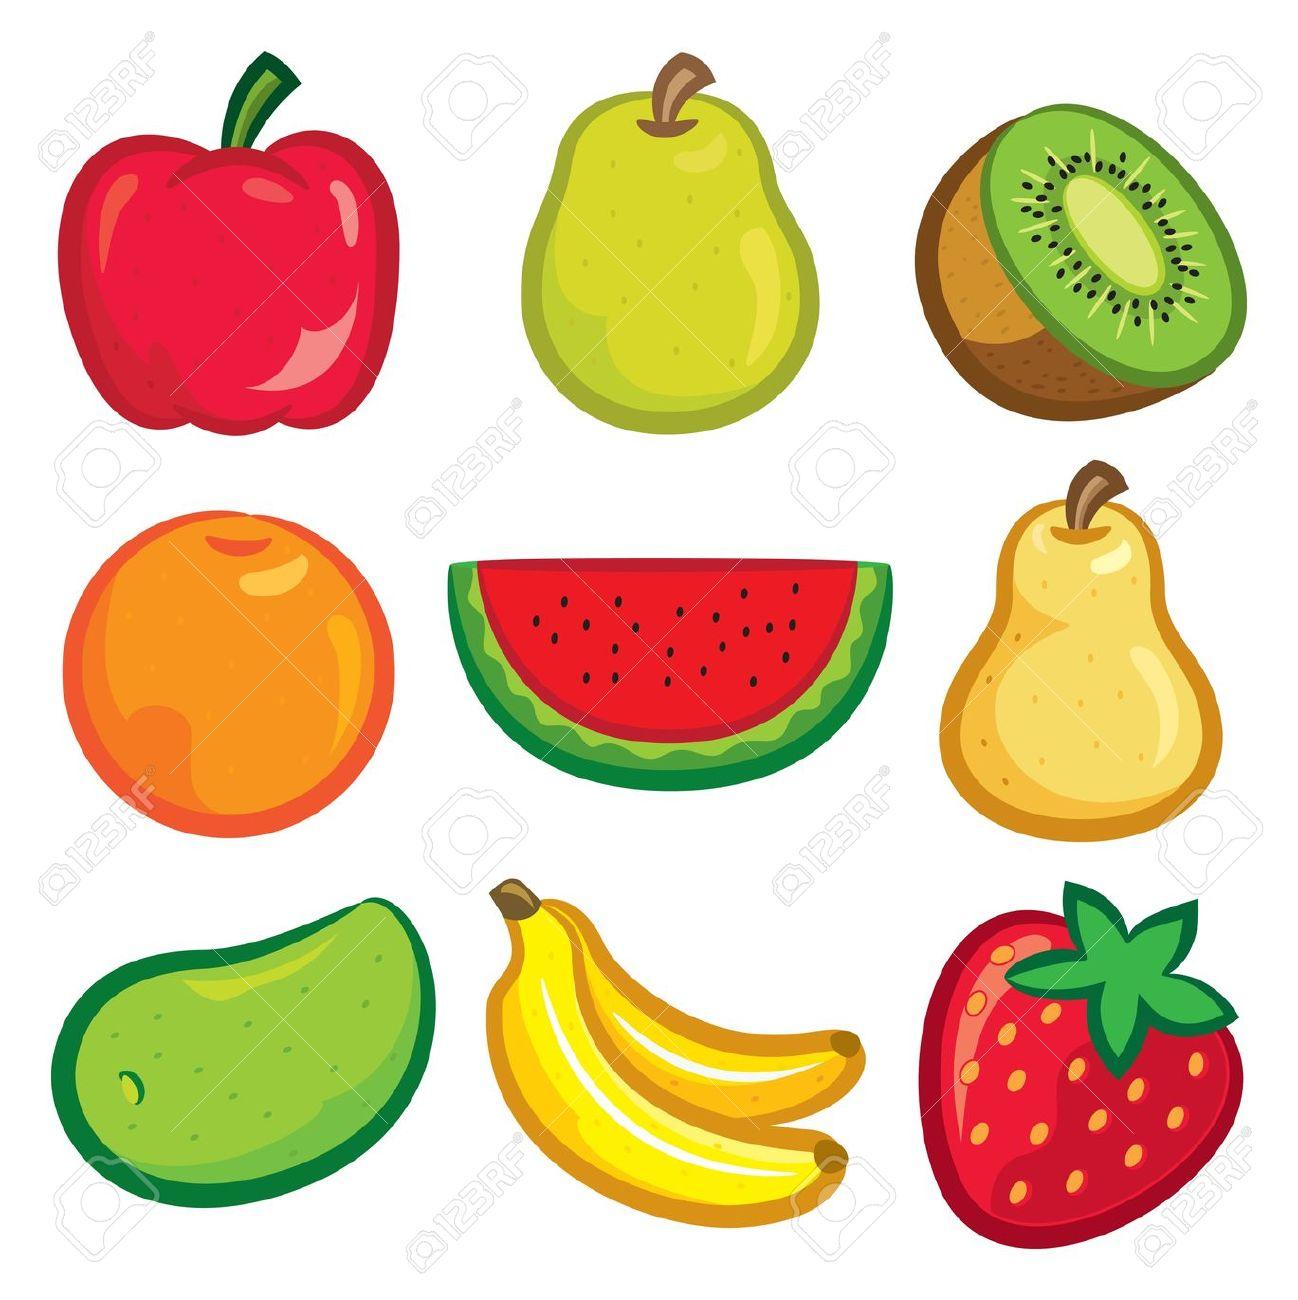 Aprende ingls Las Frutas en Ingls  Videos Educativos